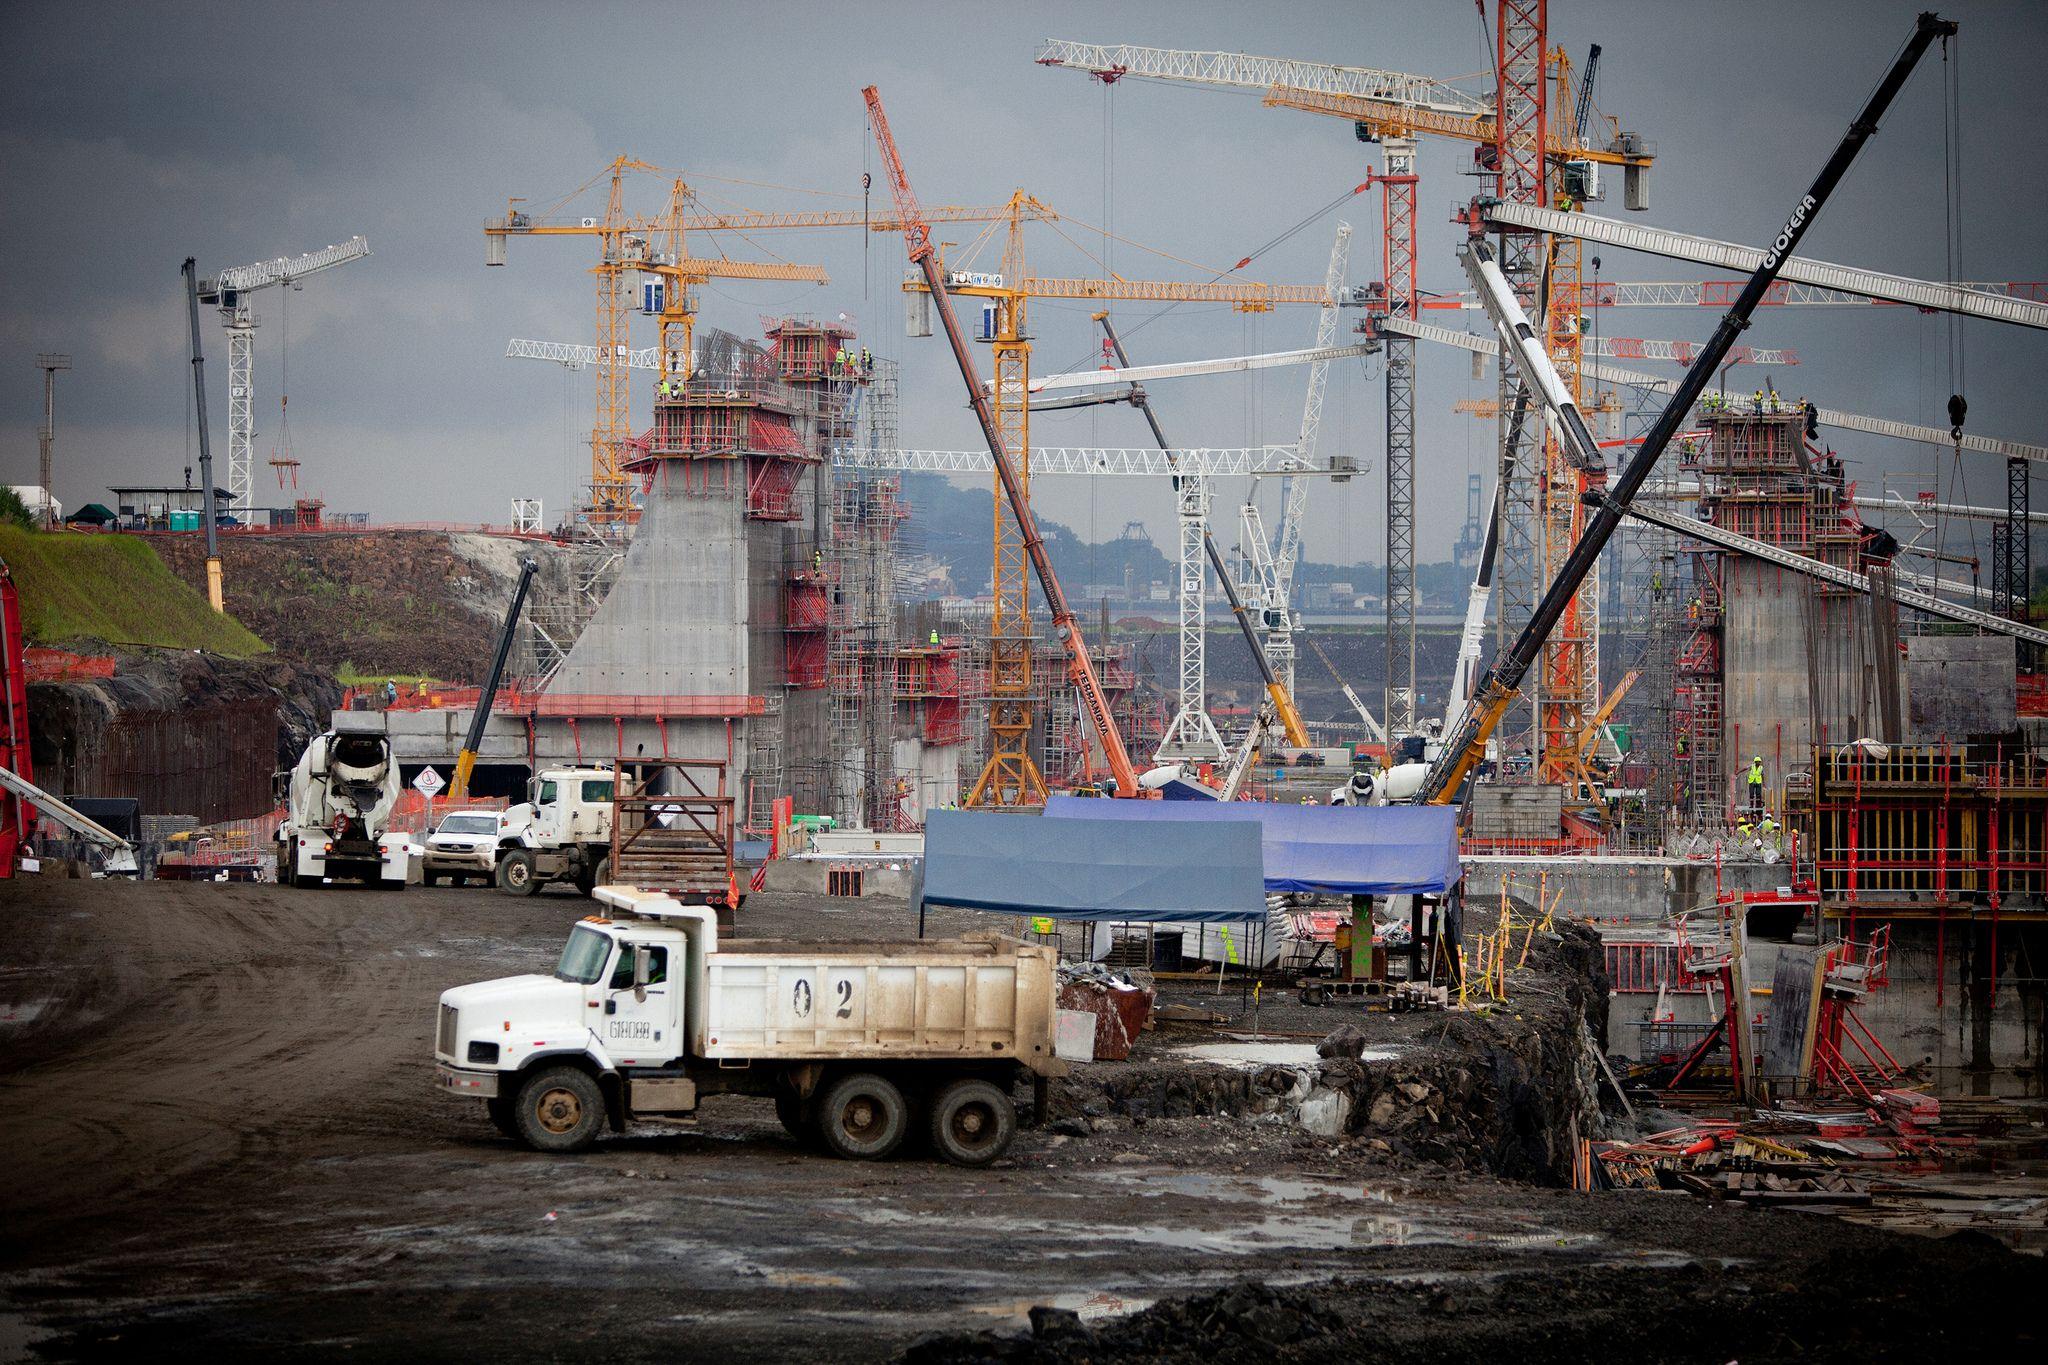 Viele Kräne und Baumaschinen beim Bau der Erweiterung des Panamakanals